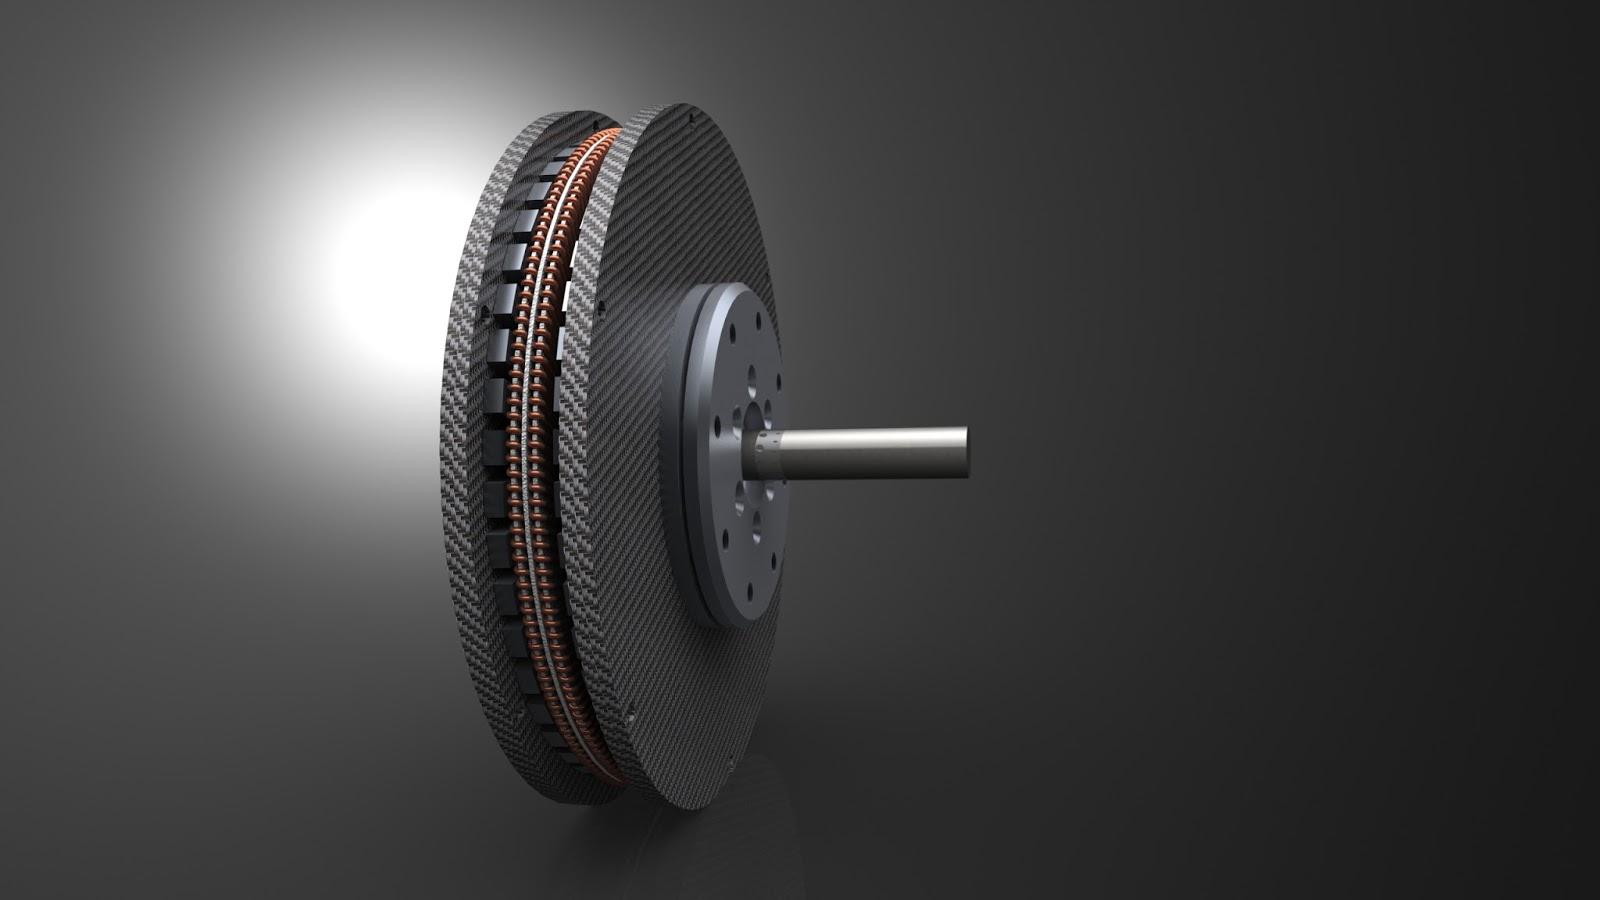 BuildIts in Progress: Coreless Axial Flux Motors